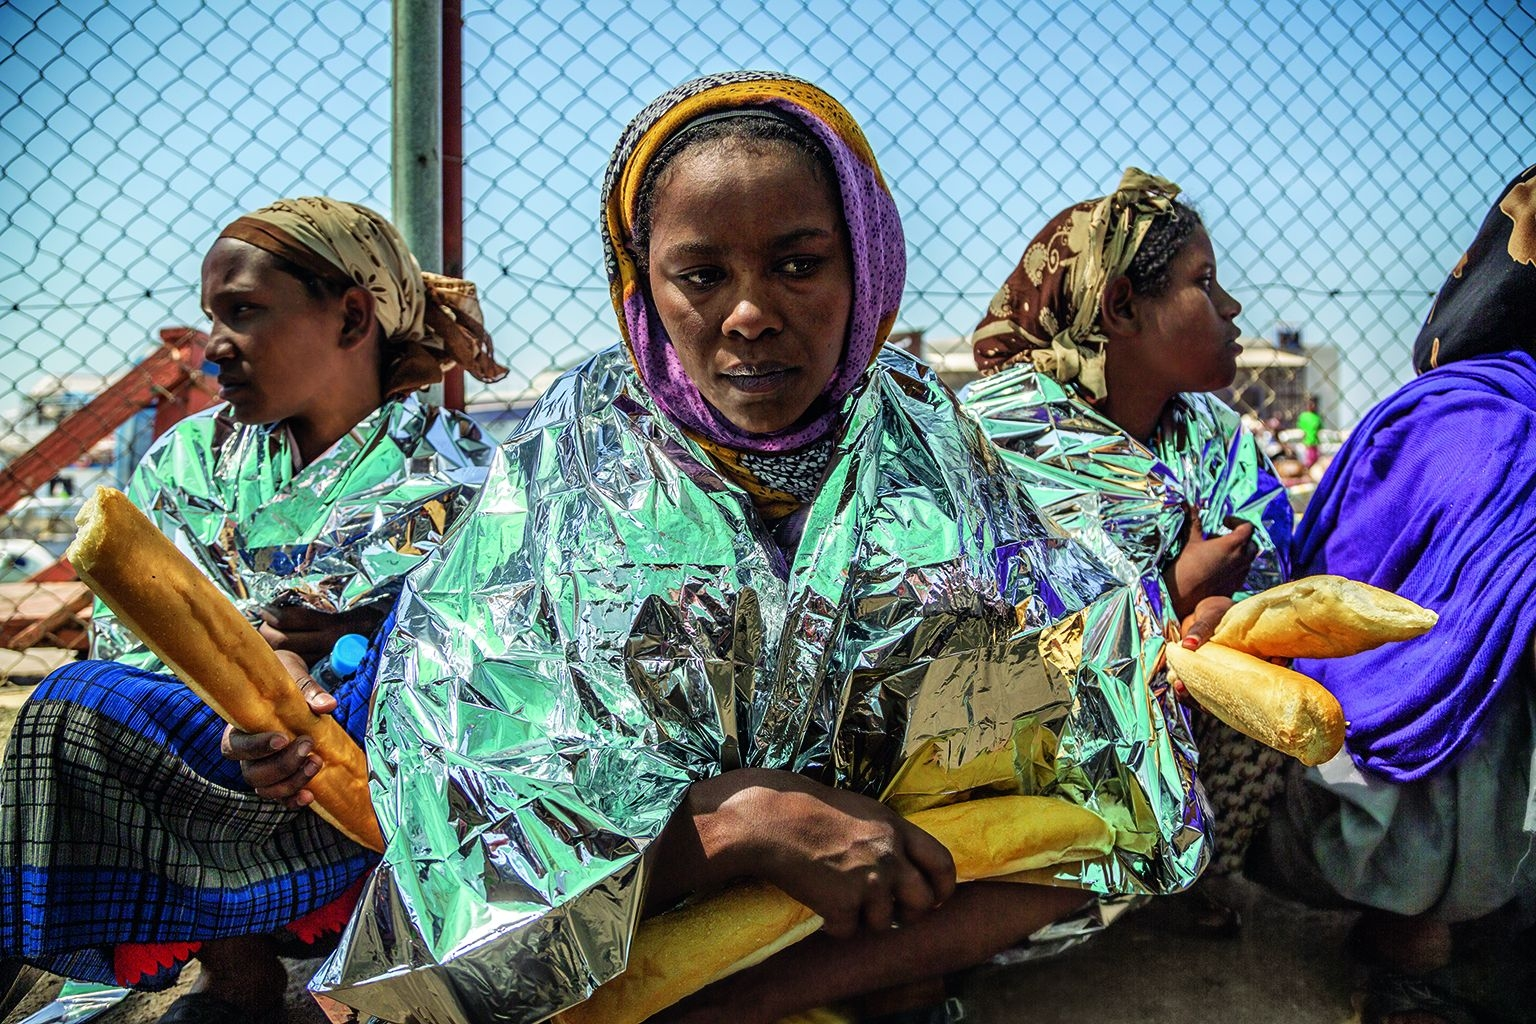 吉布地,2013年。最高的代價。這批移民被吉布地海岸巡防隊攔截並拘留。他們從衣索比亞、索馬利亞和厄利垂亞艱苦跋涉,付錢給船長帶他們渡過紅海,以求到葉門、沙烏地阿拉伯或更遠的地方謀生。每年都有數百人在這段旅程中喪生。攝影:約翰.史坦邁爾 JOHN STANMEYER